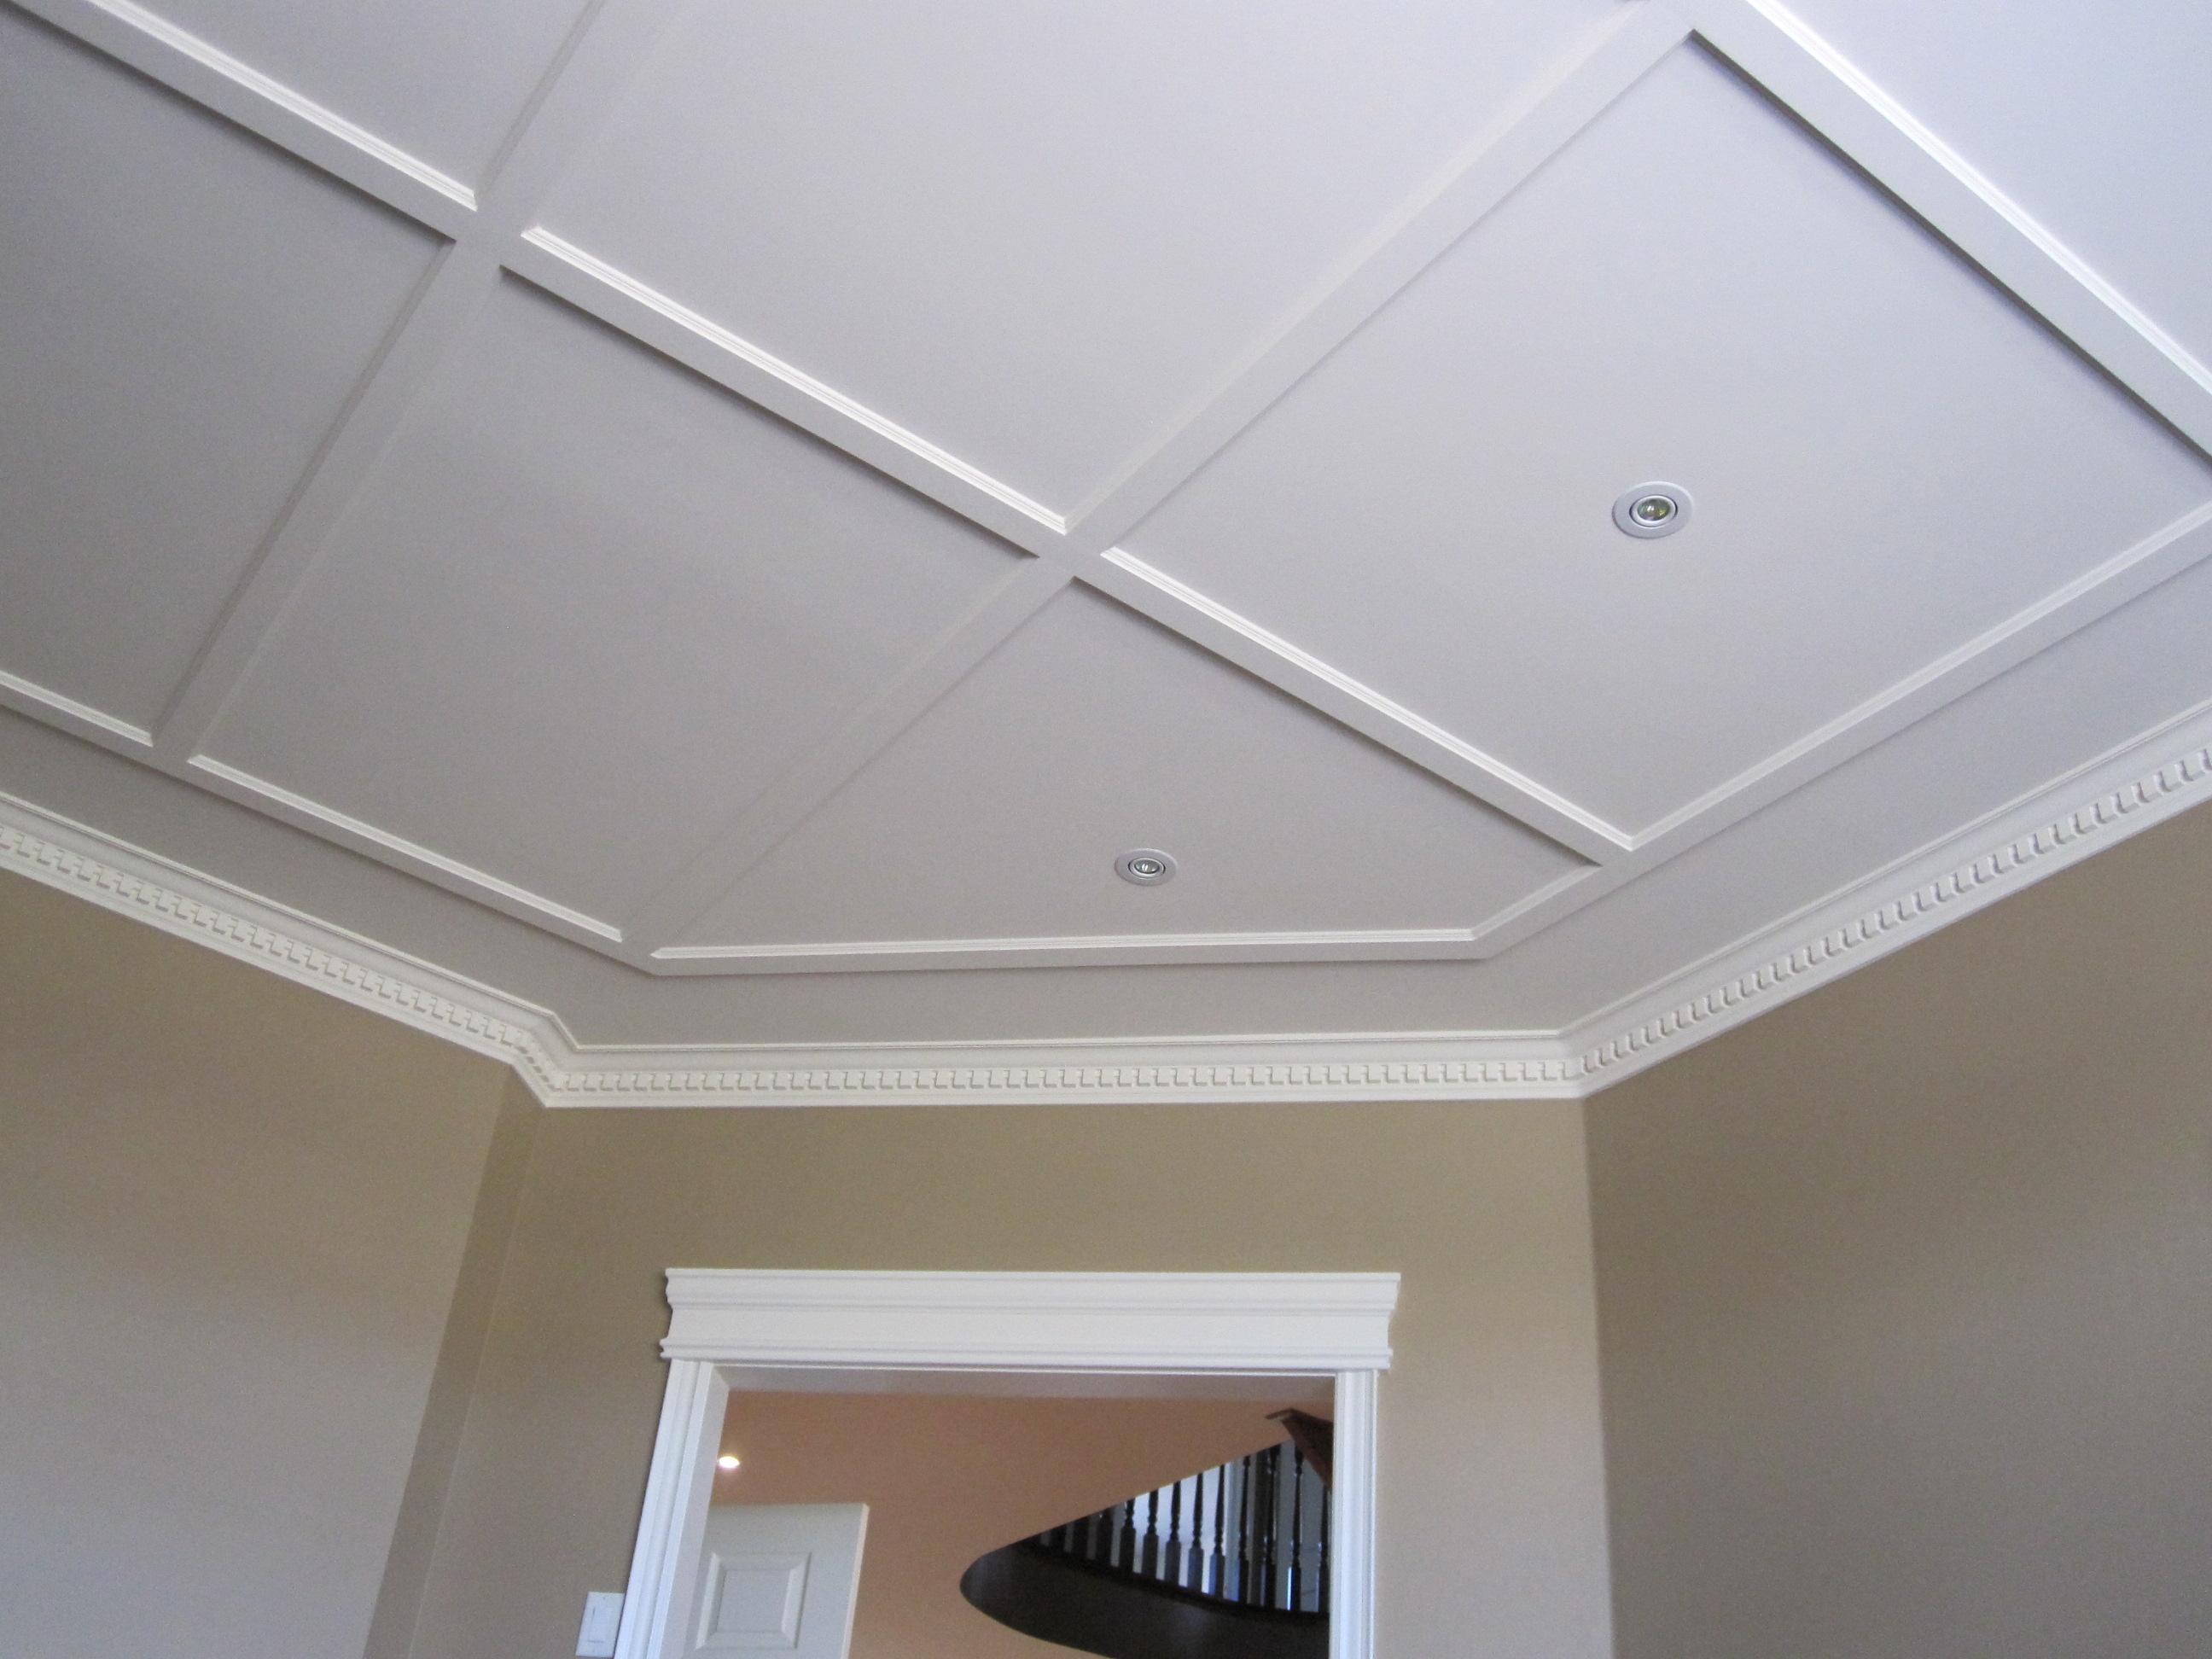 Ceiling Trim Molding